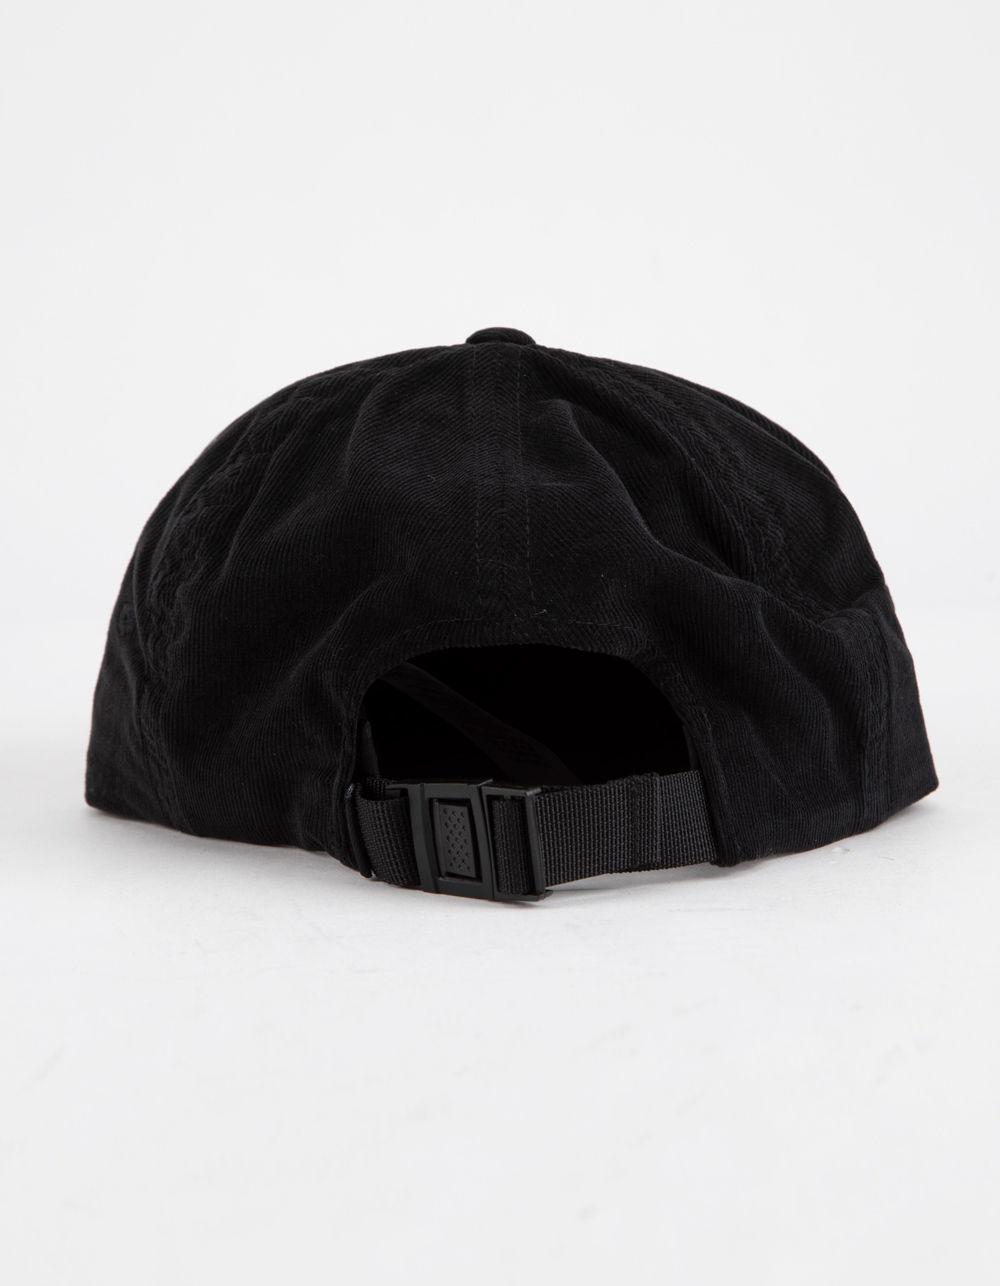 d0de2af67c0b6 Vans Salton Jockey Black Mens Strapback Hat in Black for Men - Lyst